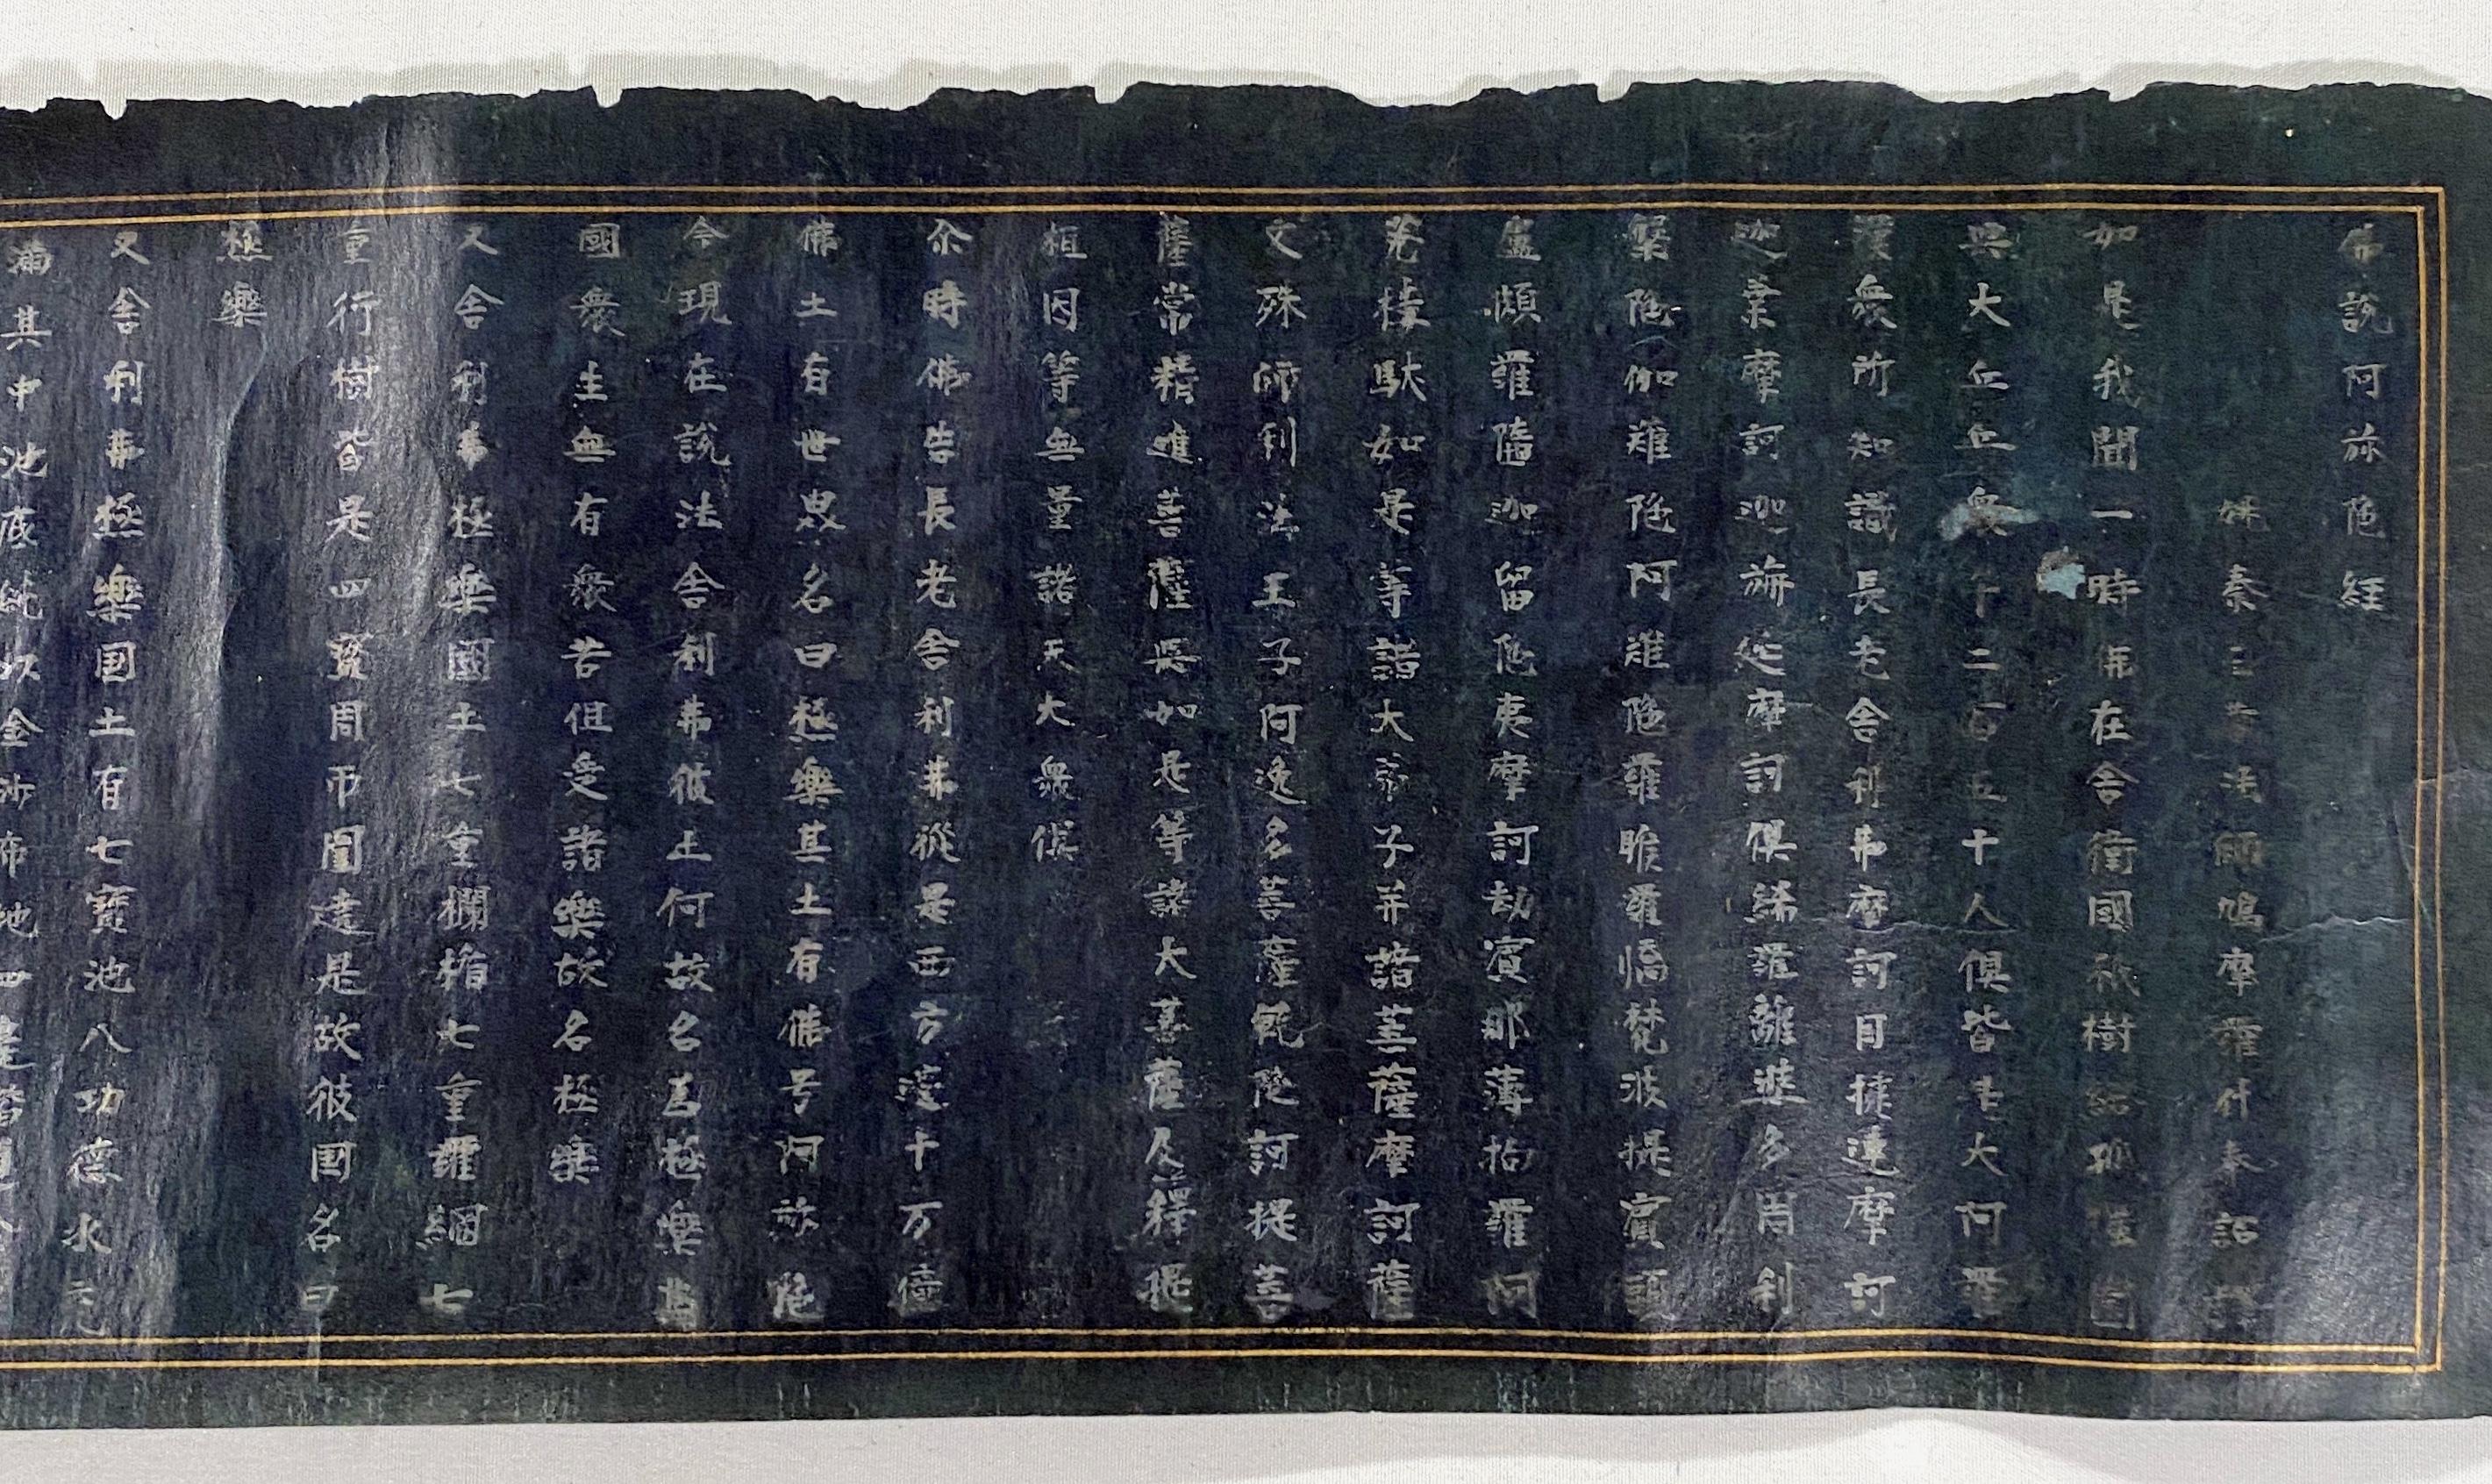 10302十五/十六世紀 紺紙銀泥 佛説阿弥陀経 一巻11.3×144.3cm